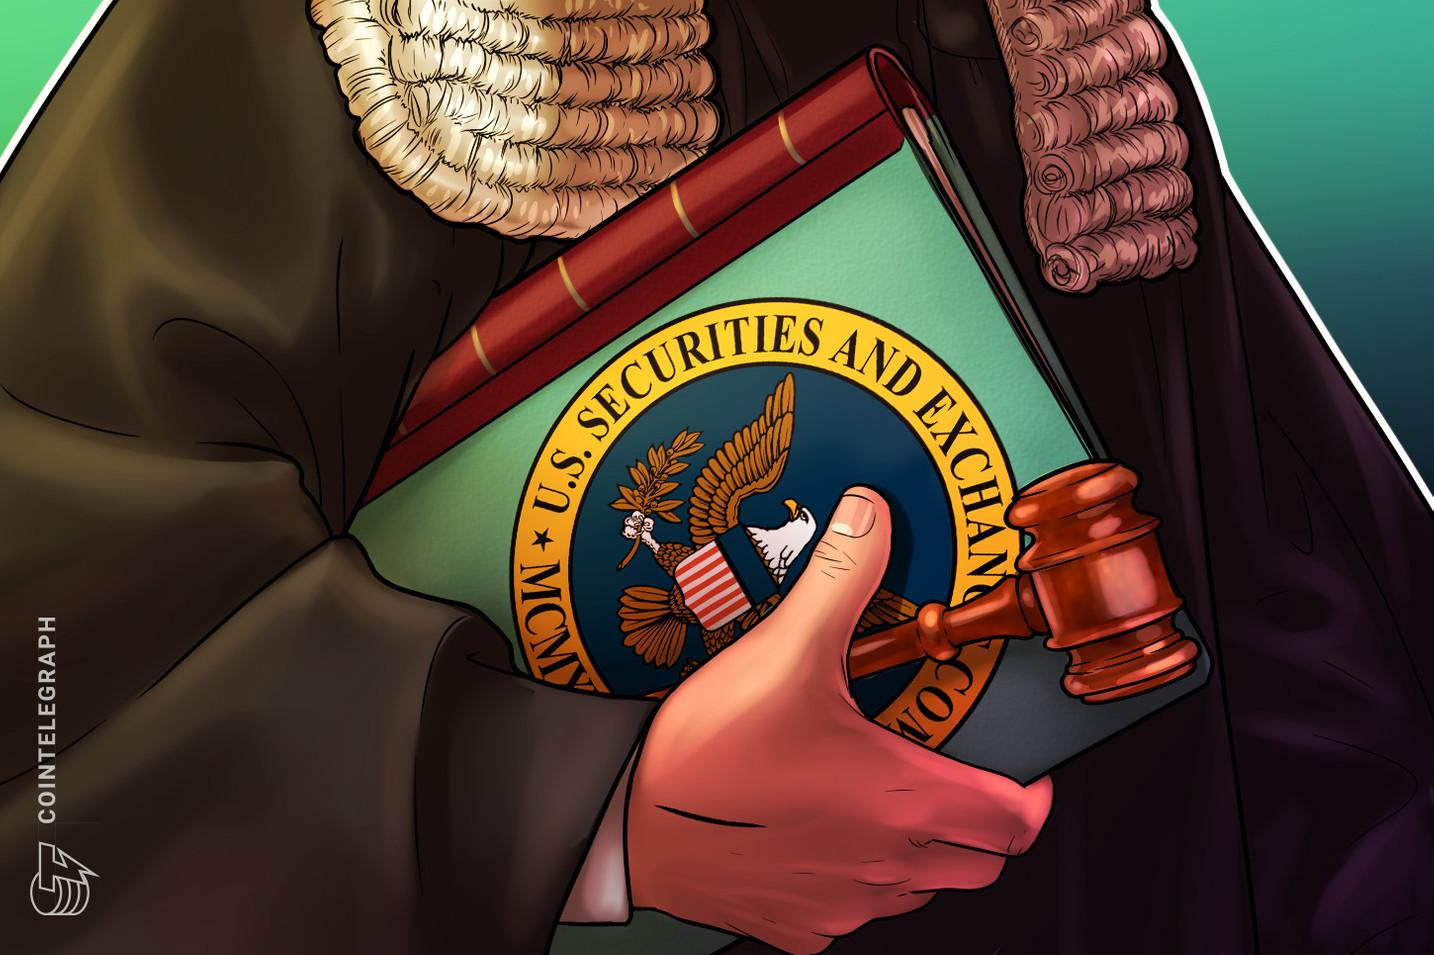 Le président de la SEC déclare que la crypto-monnaie relève des règles d'échange basées sur la sécurité